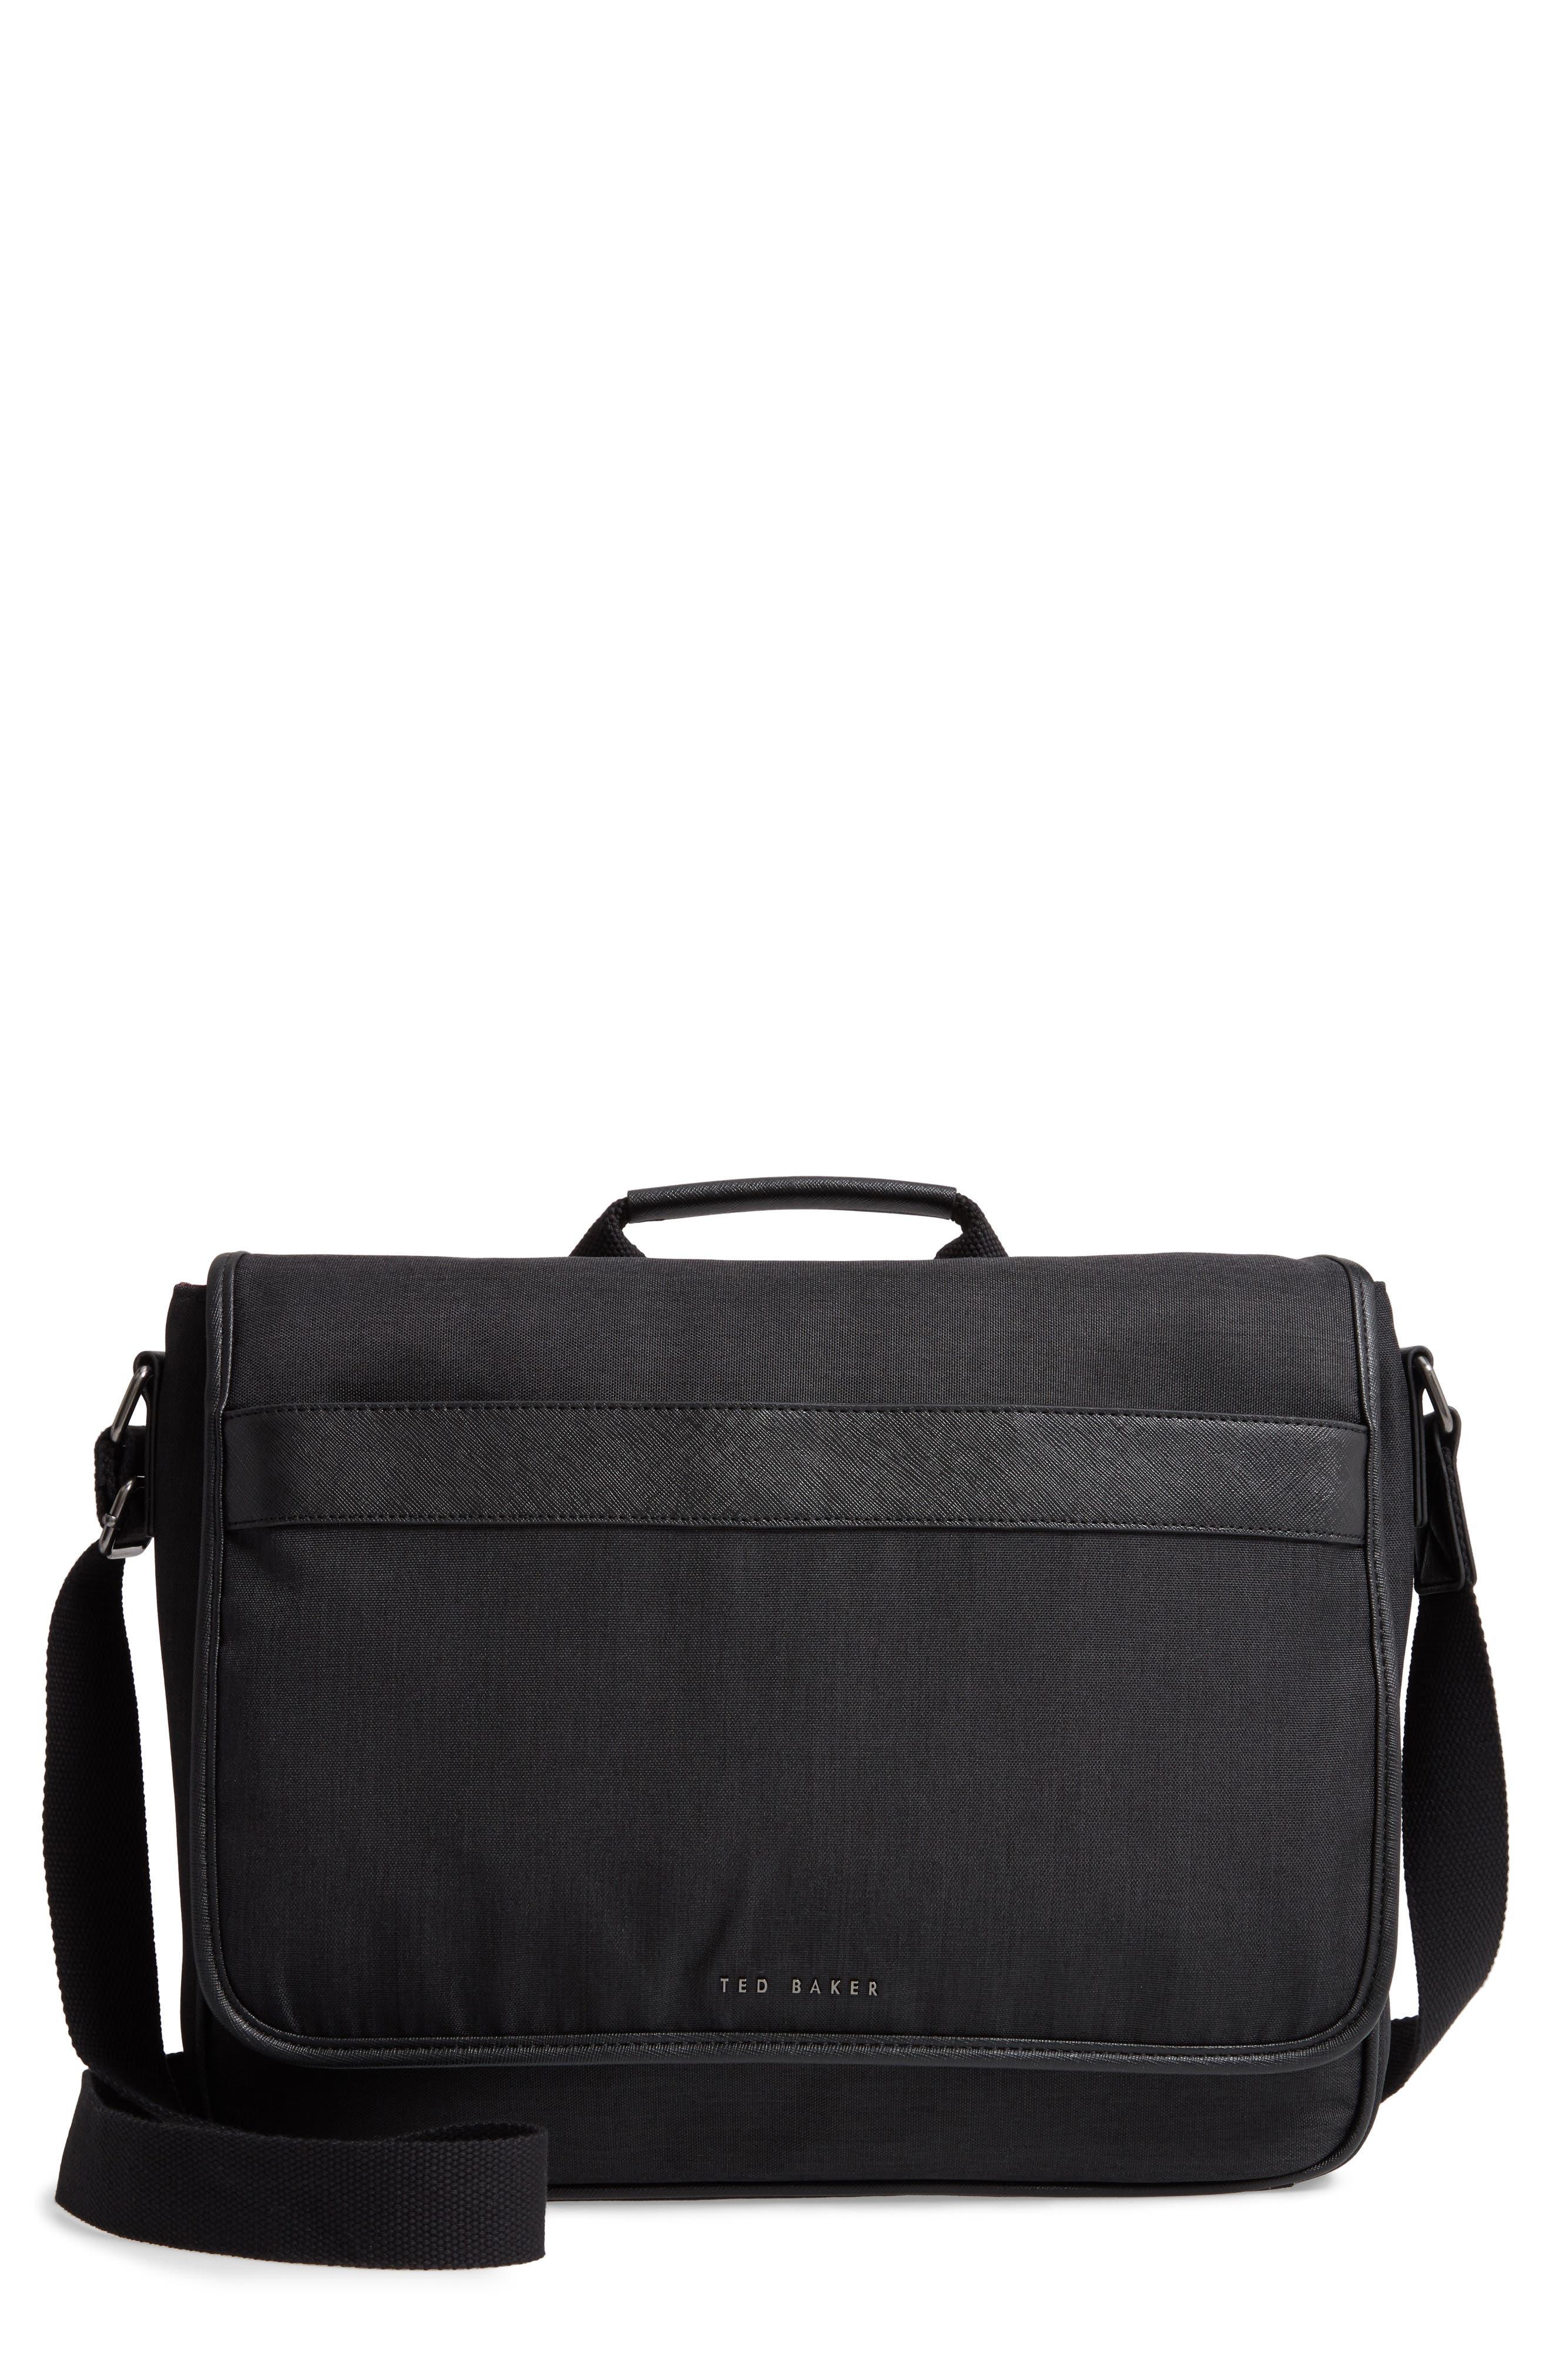 TED BAKER LONDON Edds Messenger Bag, Main, color, BLACK